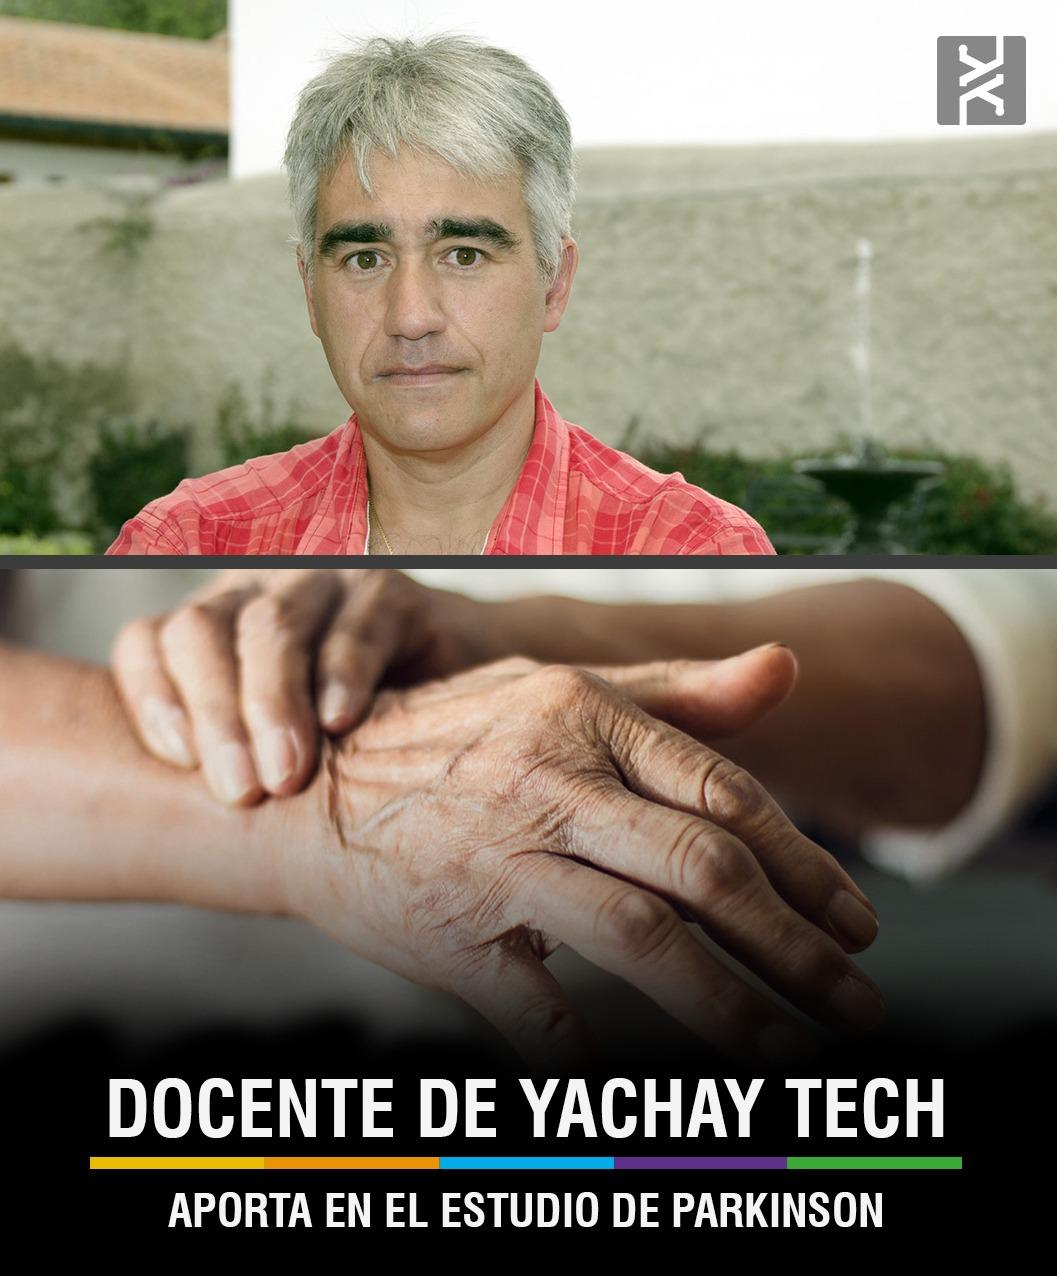 DOCENTE DE YACHAY TECH APORTA EN EL ESTUDIO DEL PÁRKINSON